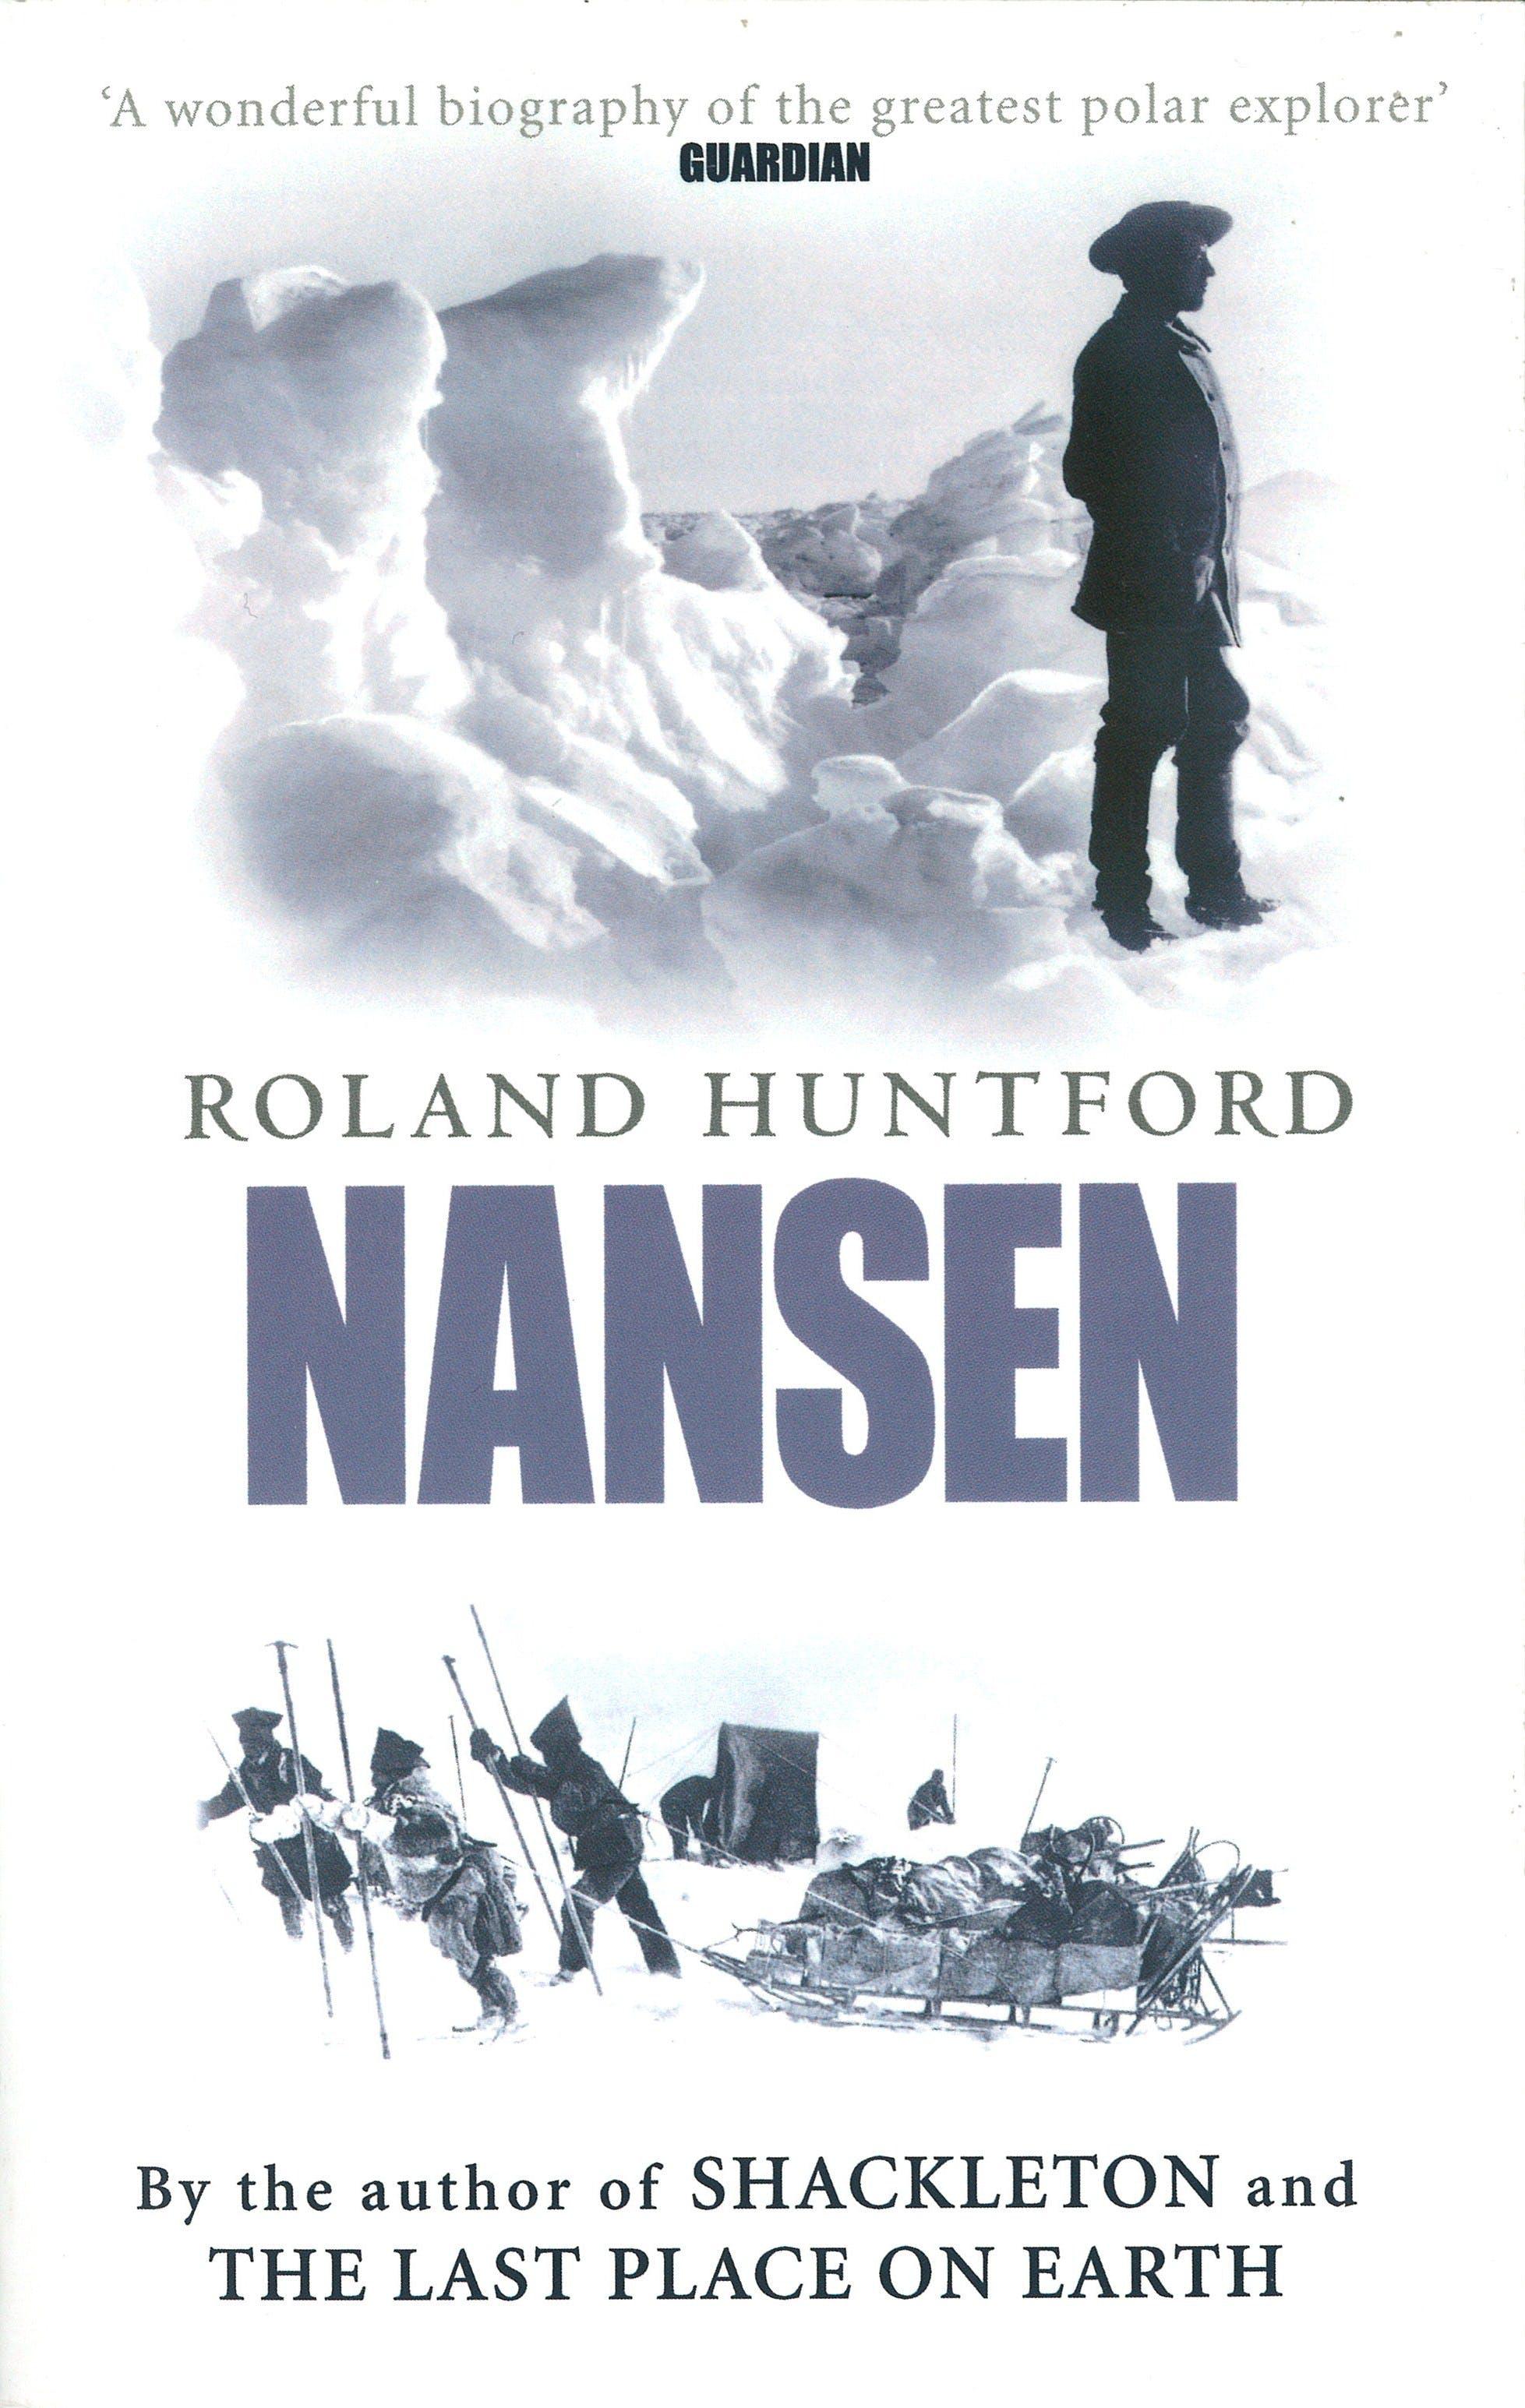 Nansen: The Explorer as Hero by Roland Huntford - Books - Hachette Australia